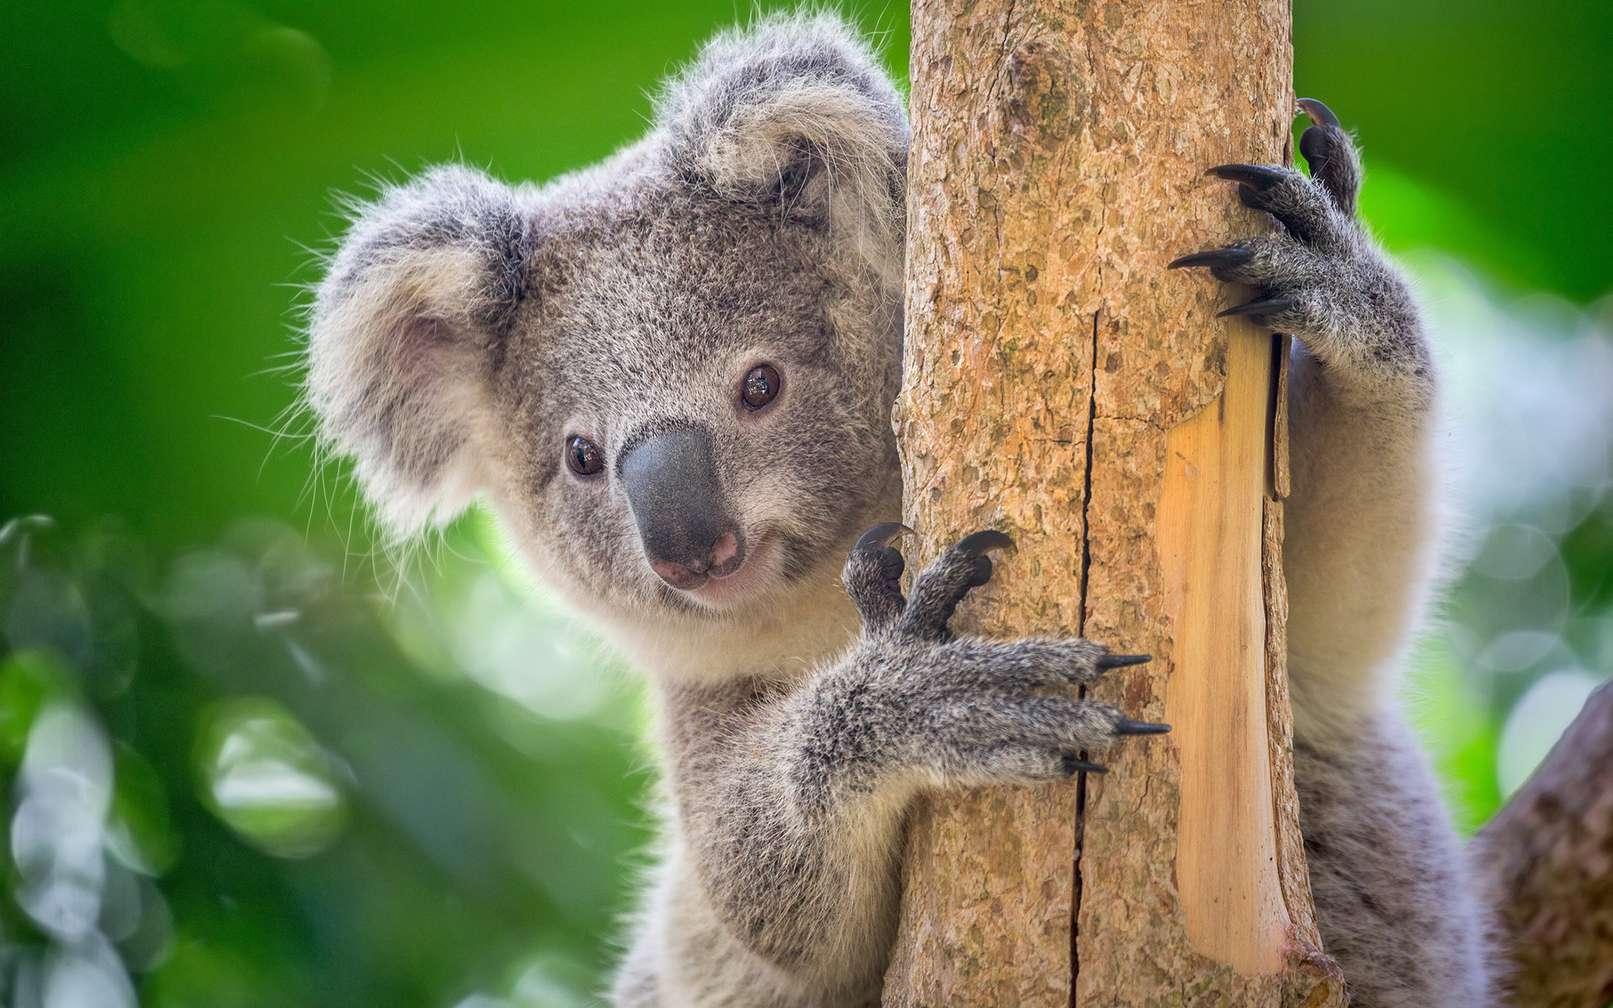 Le koala est plus à l'aise dans les arbres qu'au sol. © MrPreecha, fotolia